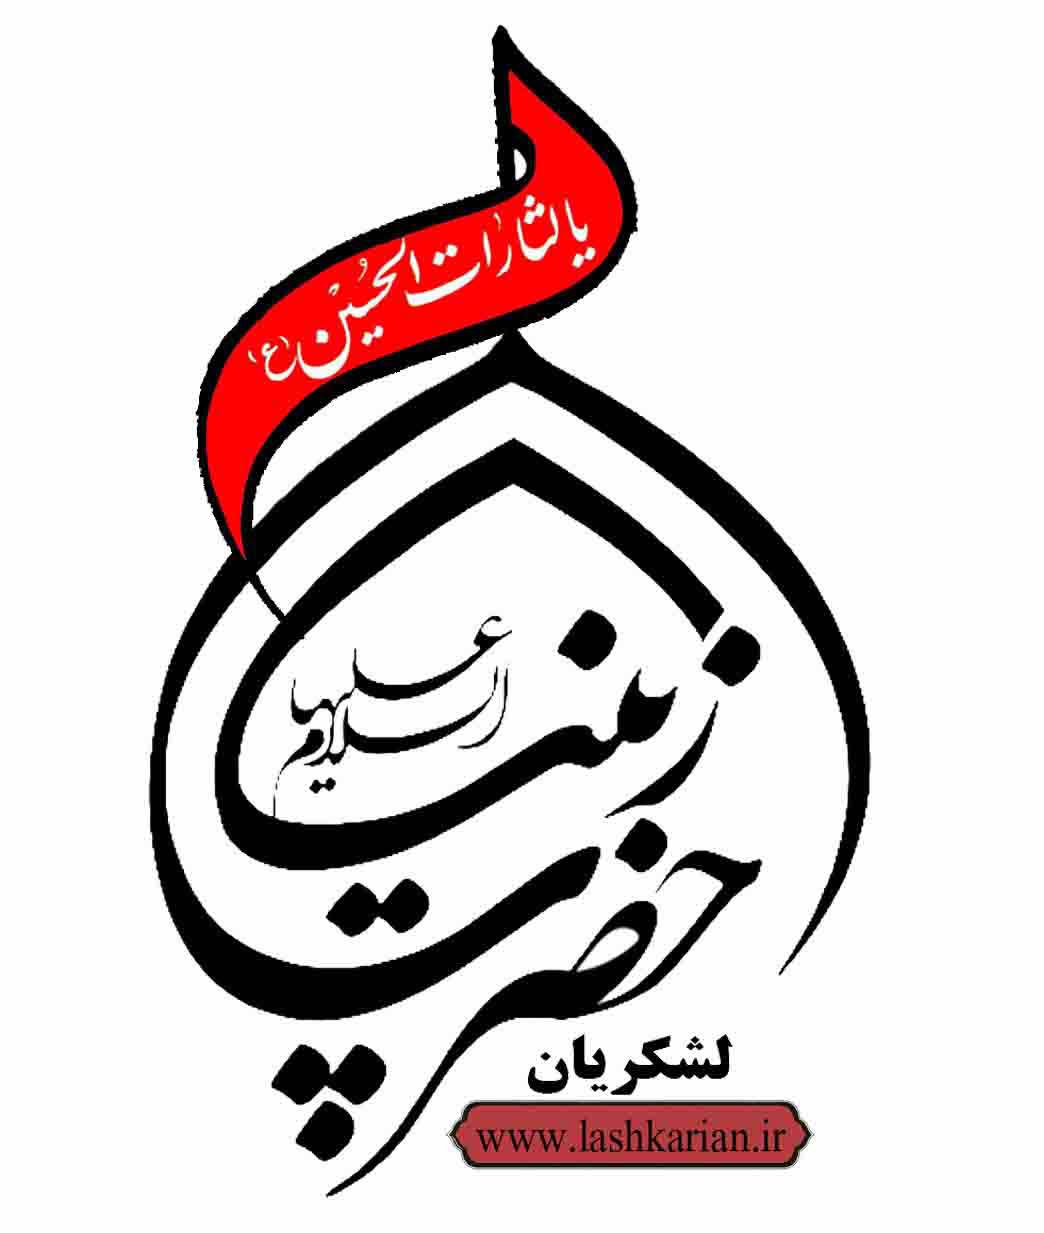 شهادت امام جعفر صادق علیه السلام 94